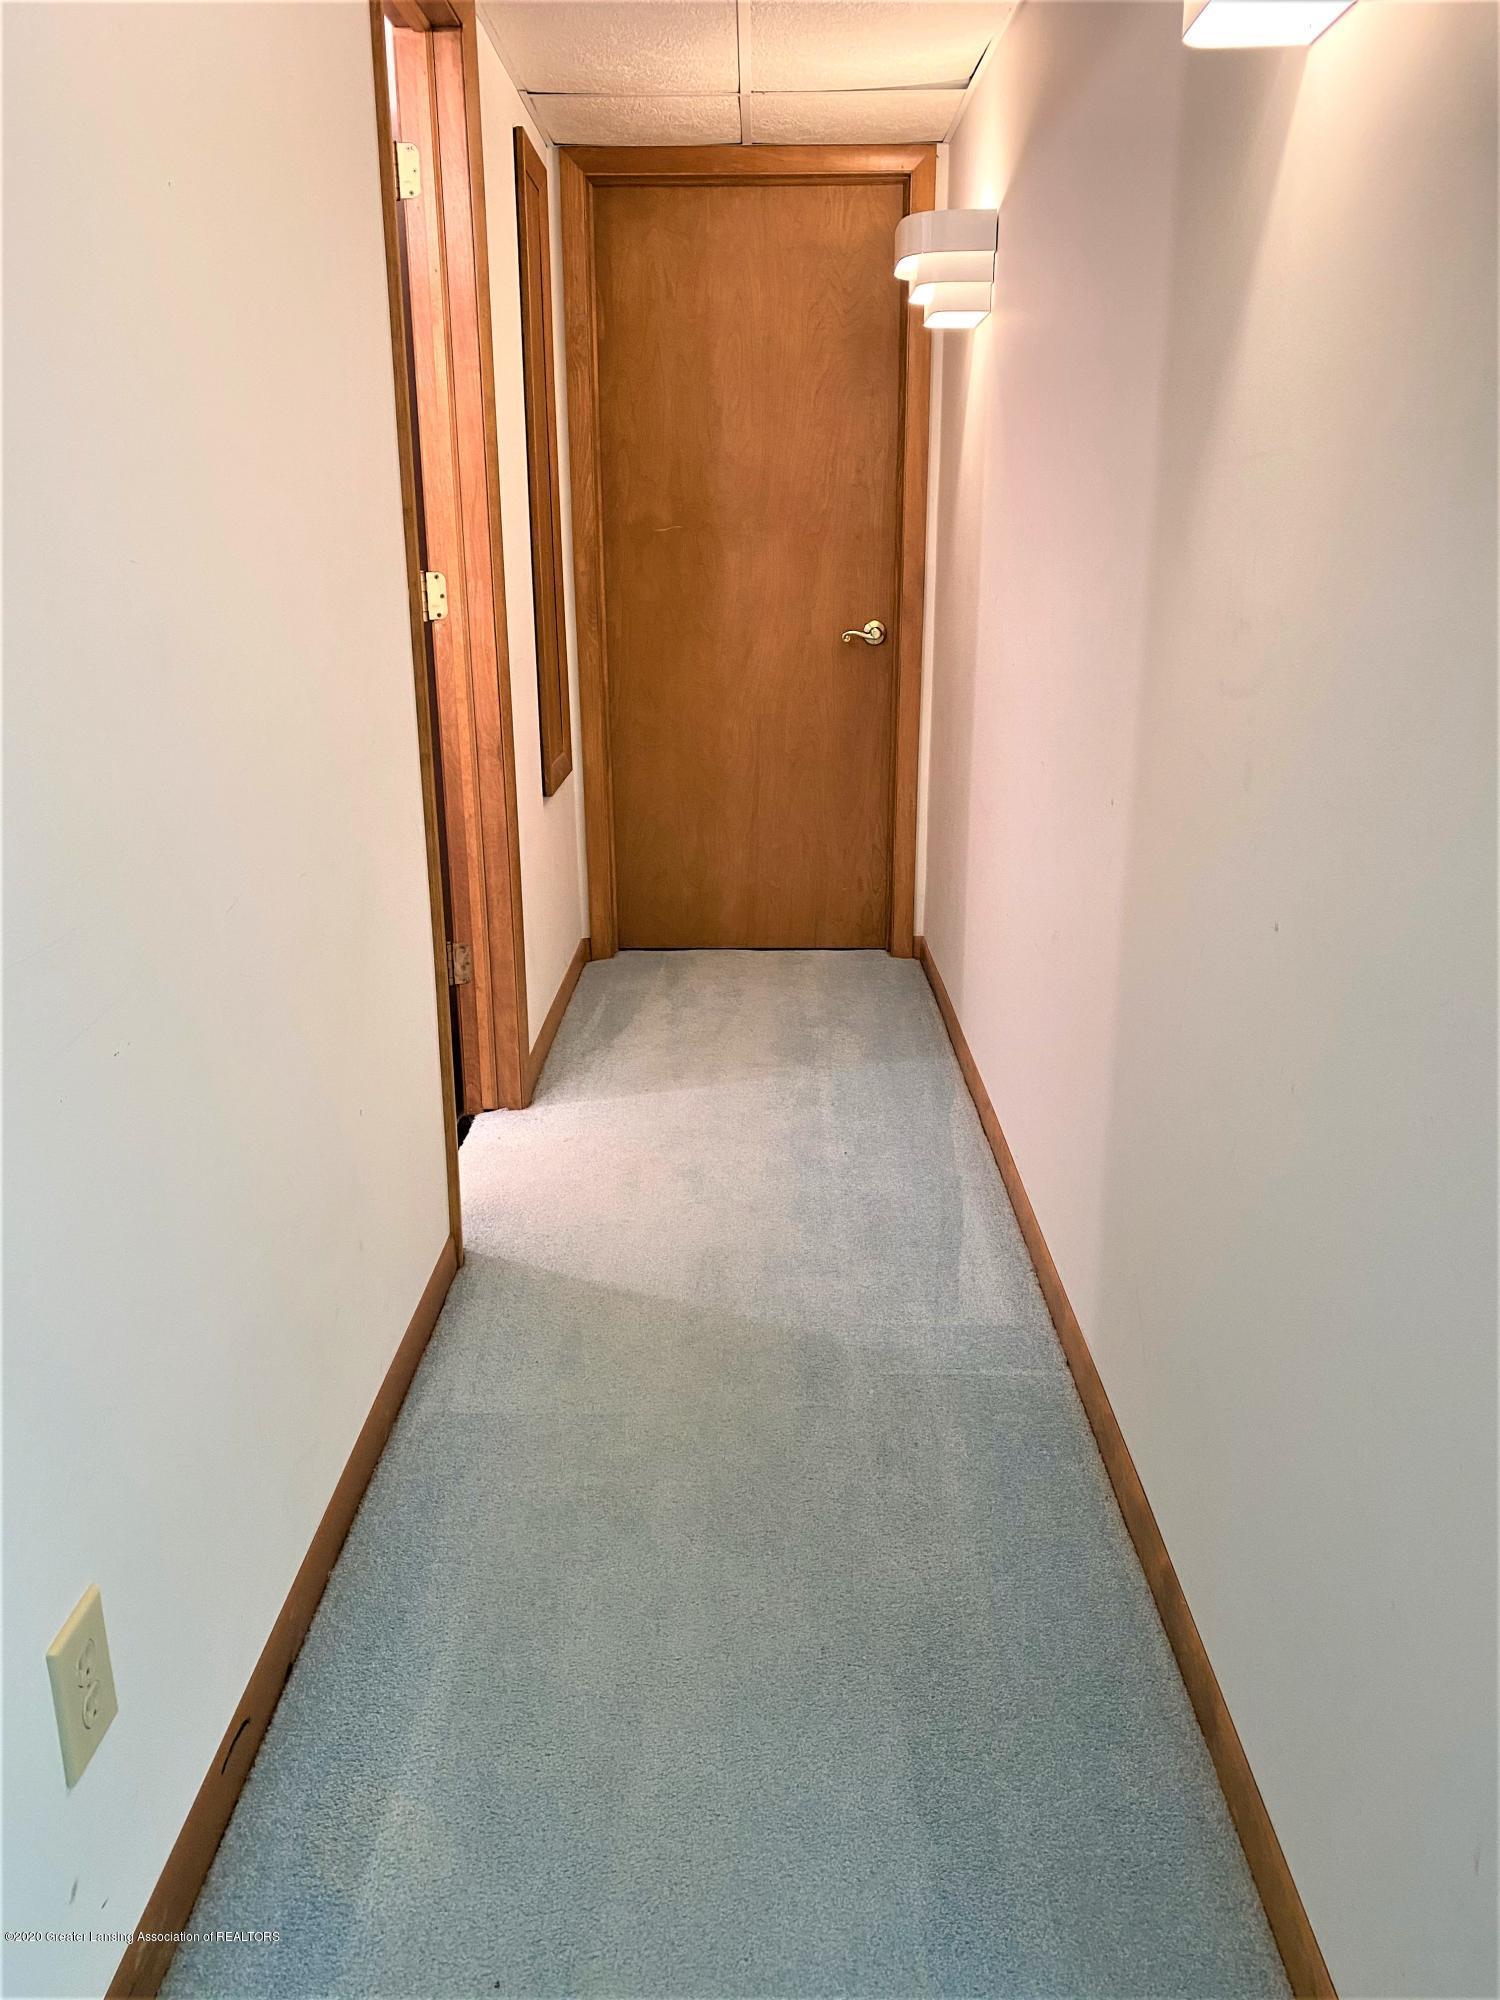 2475 Walenjus Ct - Basement Hall - 34